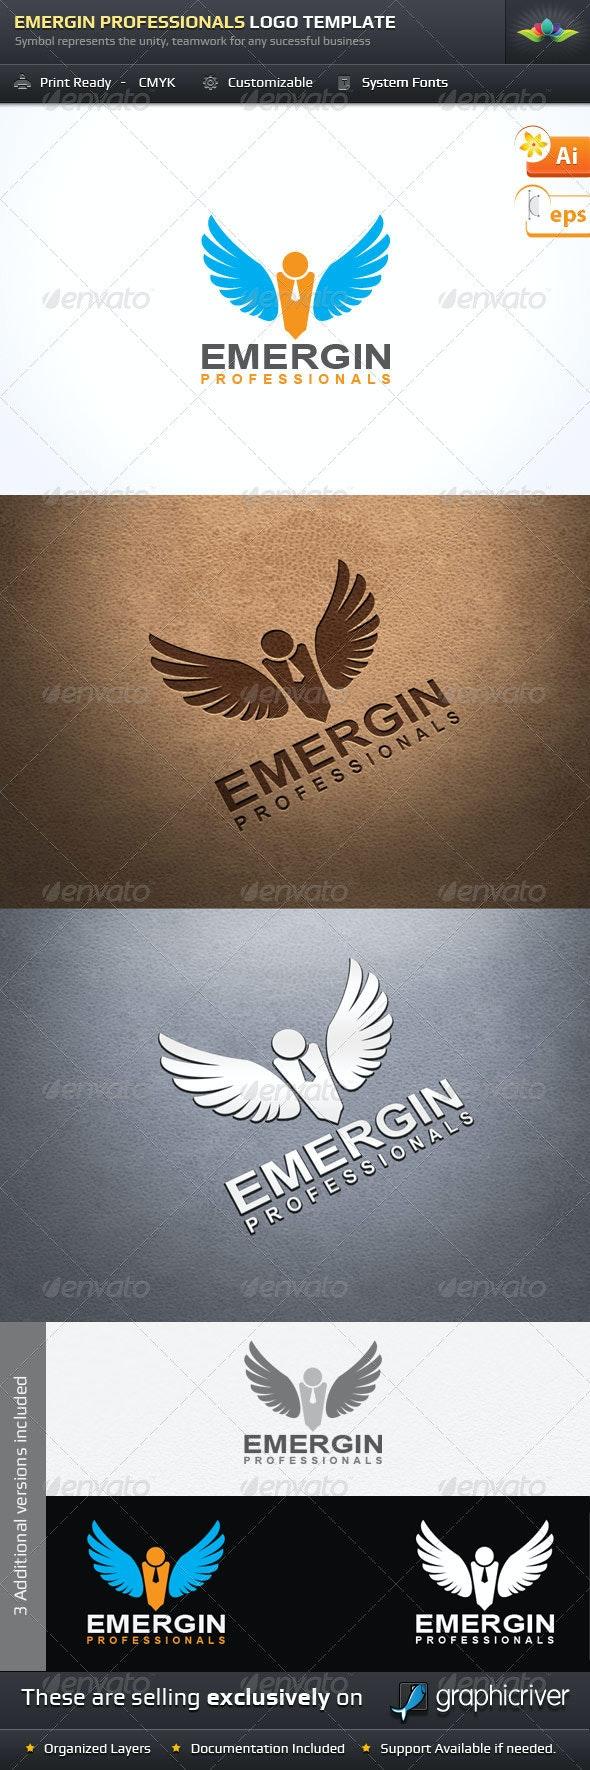 Emergin Professionals Logo Template - Symbols Logo Templates